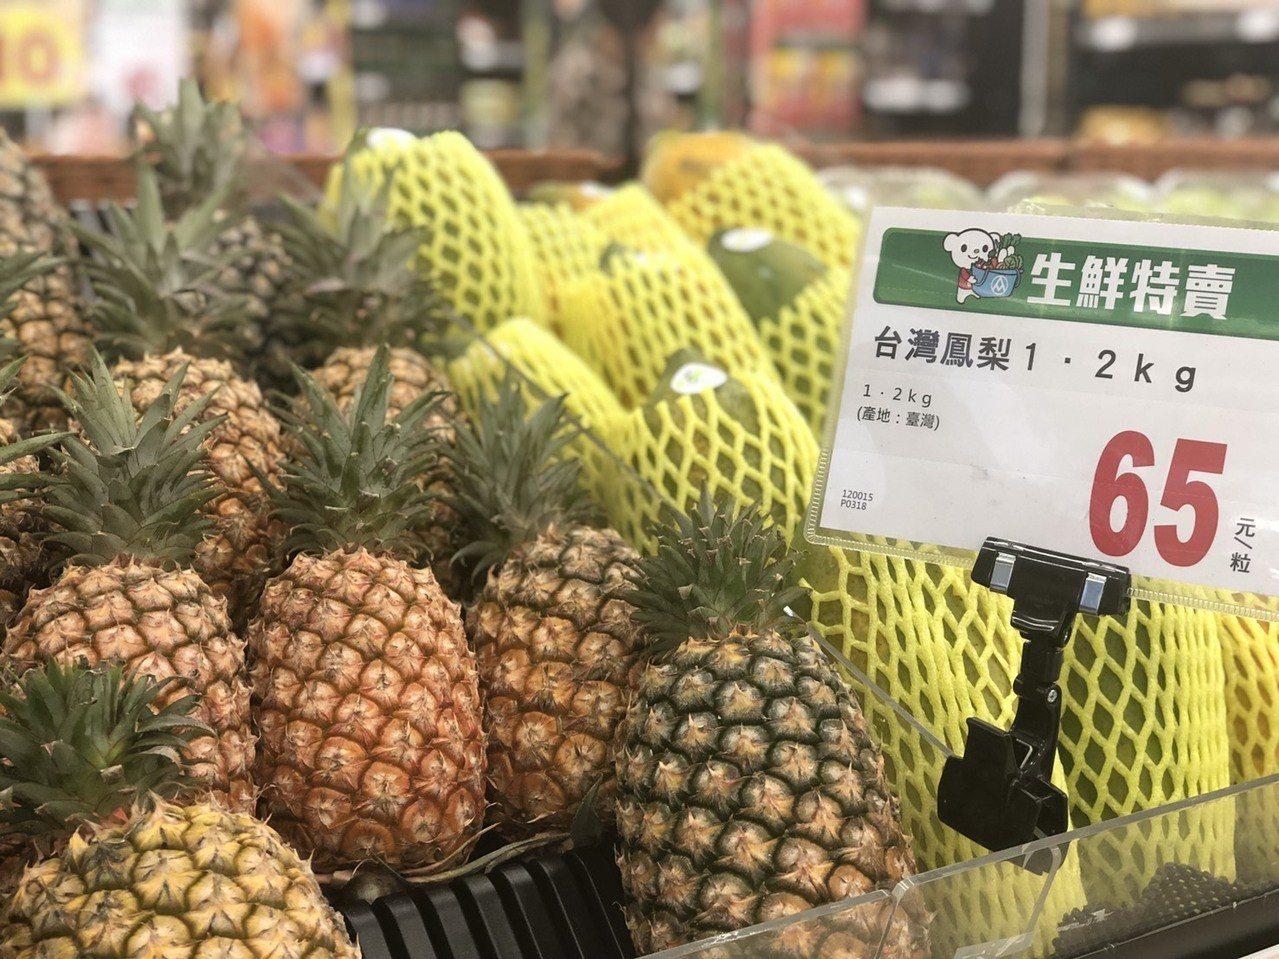 今年鳳梨盛產,內外銷都不錯。記者謝梅芬/攝影